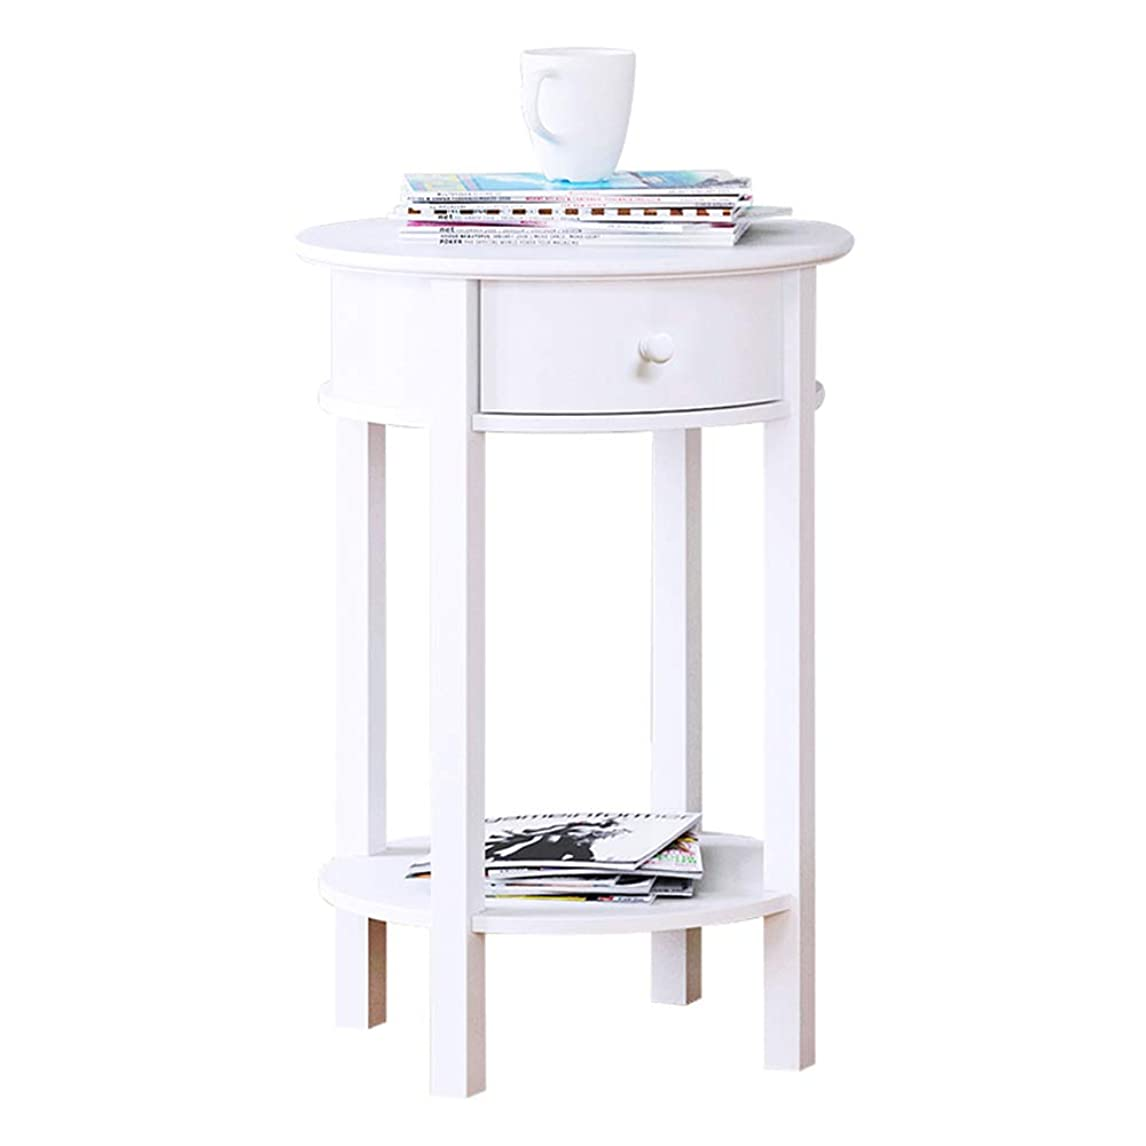 修正する有限そんなにZR- 北欧ラウンドソファサイドテーブルエンドテーブルリビングルームレジャーミニコーヒーテーブル1引き出しロッカーベッドルームベッドサイドキャビネットホワイト 家具